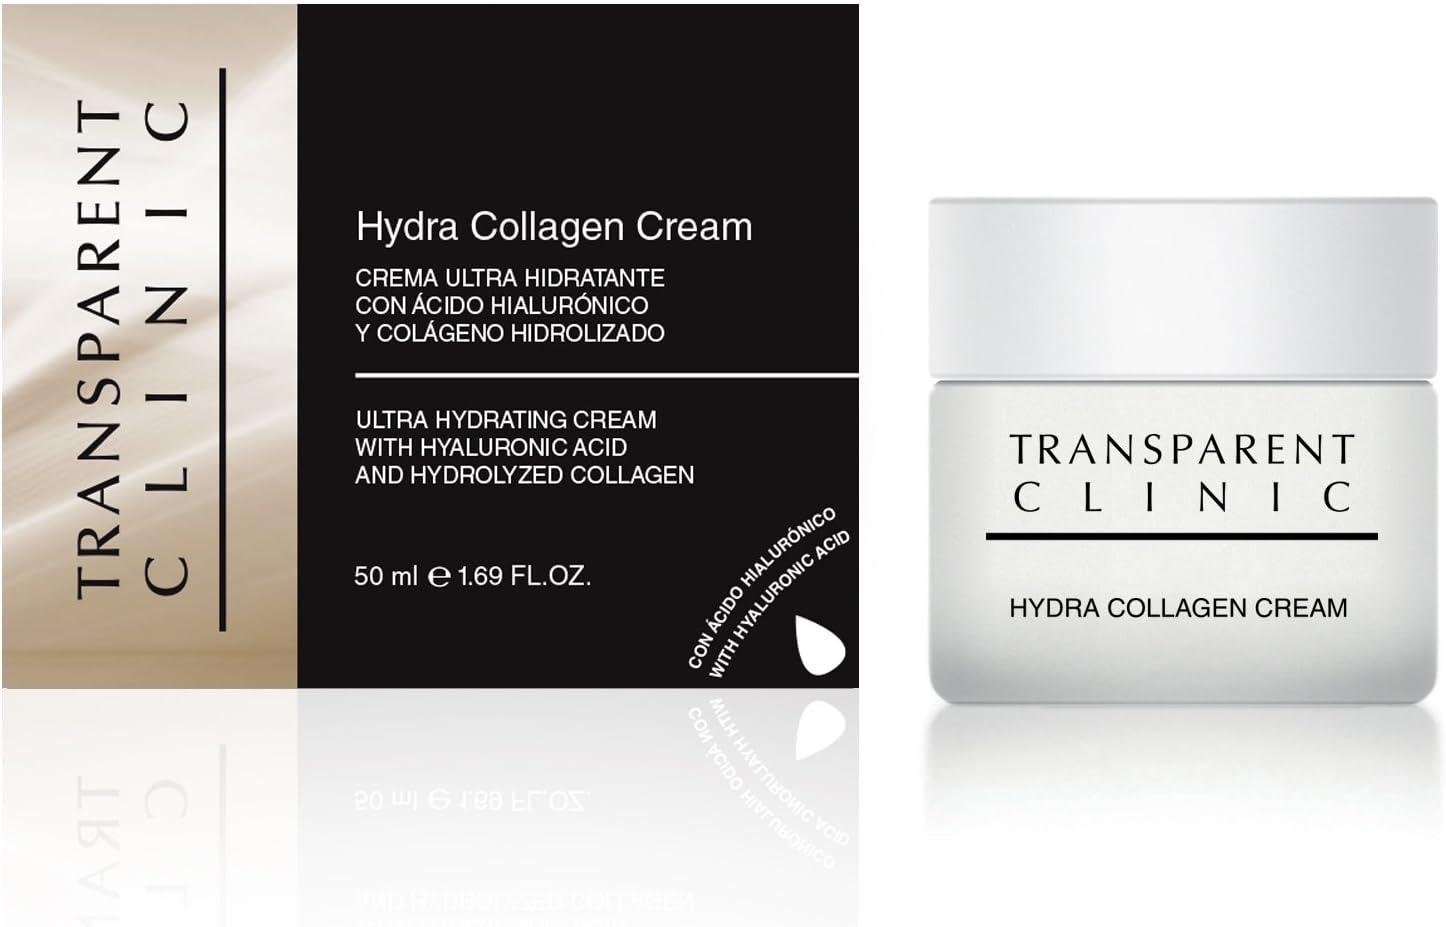 Transparent Clinic - Crema ultra hidratante - con ácido hialurónico y colágeno hidrolizado - 50 ml: Amazon.es: Belleza